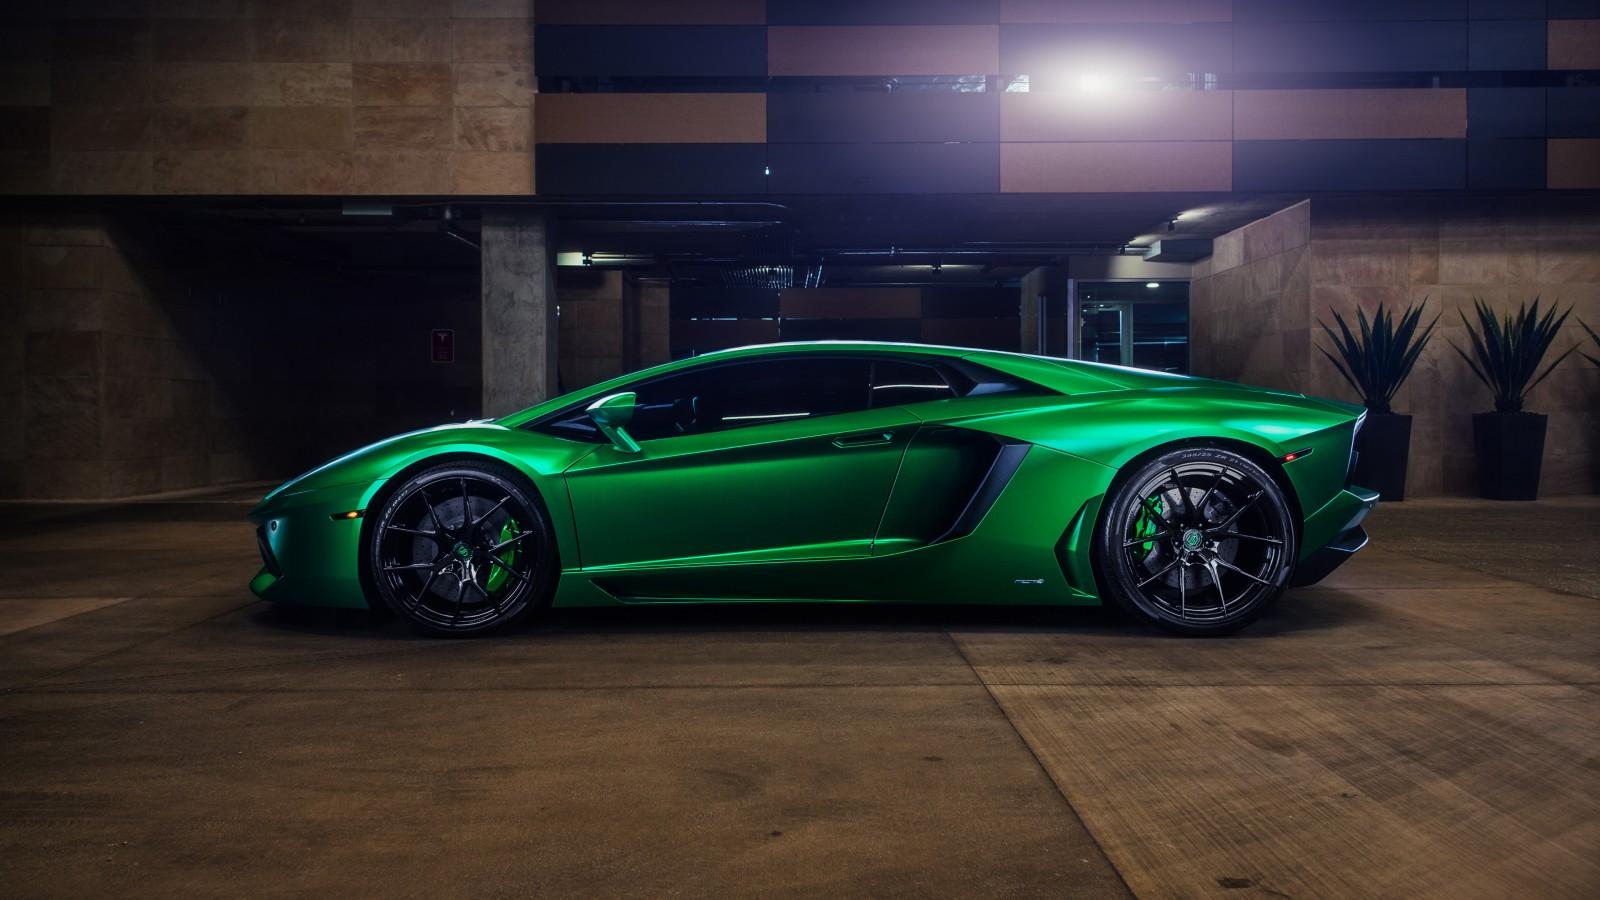 Lamborghini aventador 4k wallpaper hd car wallpapers - 4k car wallpaper for mobile ...